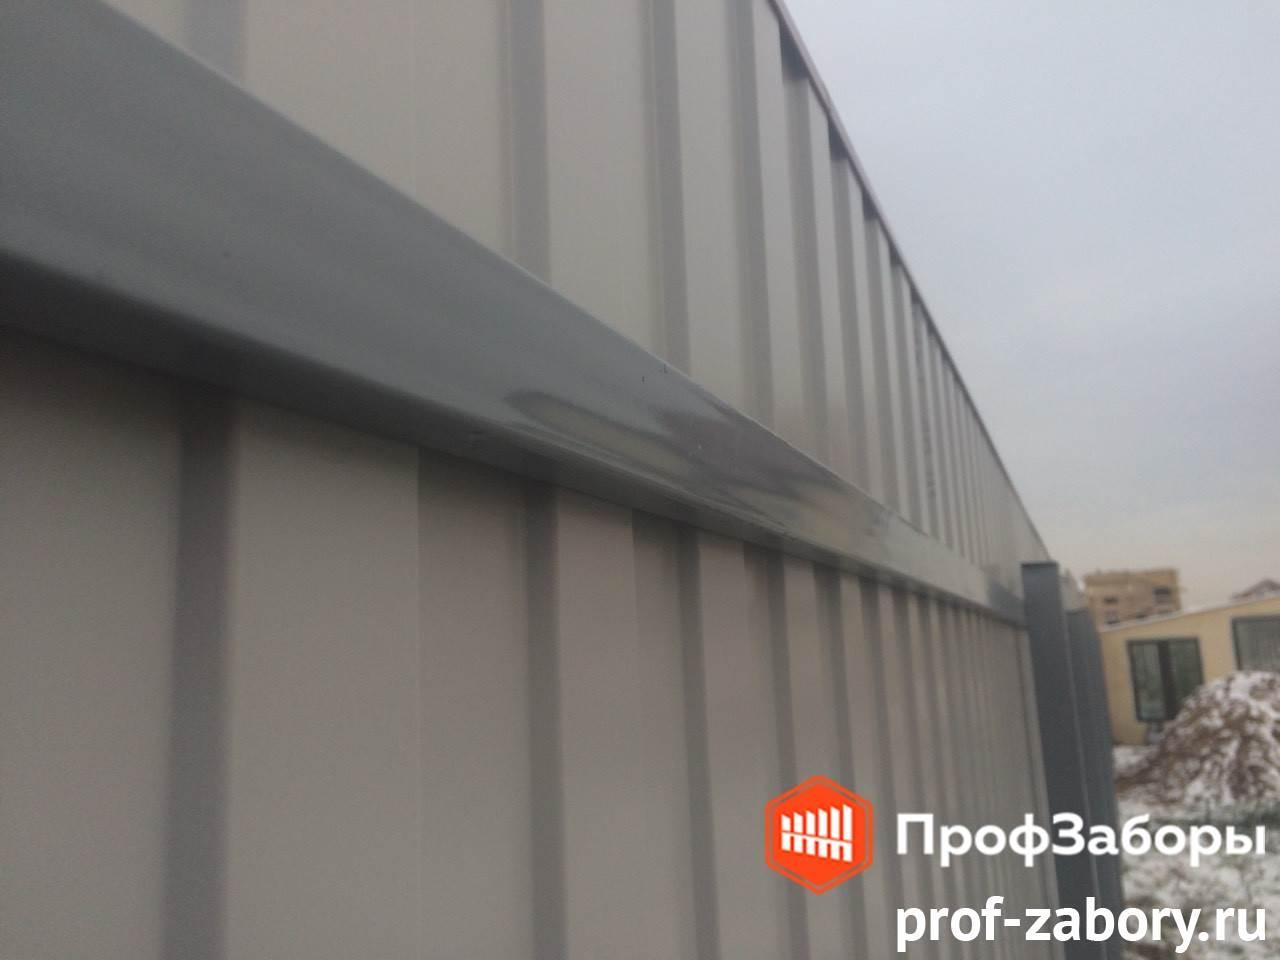 Заборы Из профнастила  - Городской округ Протвино. Фото 3